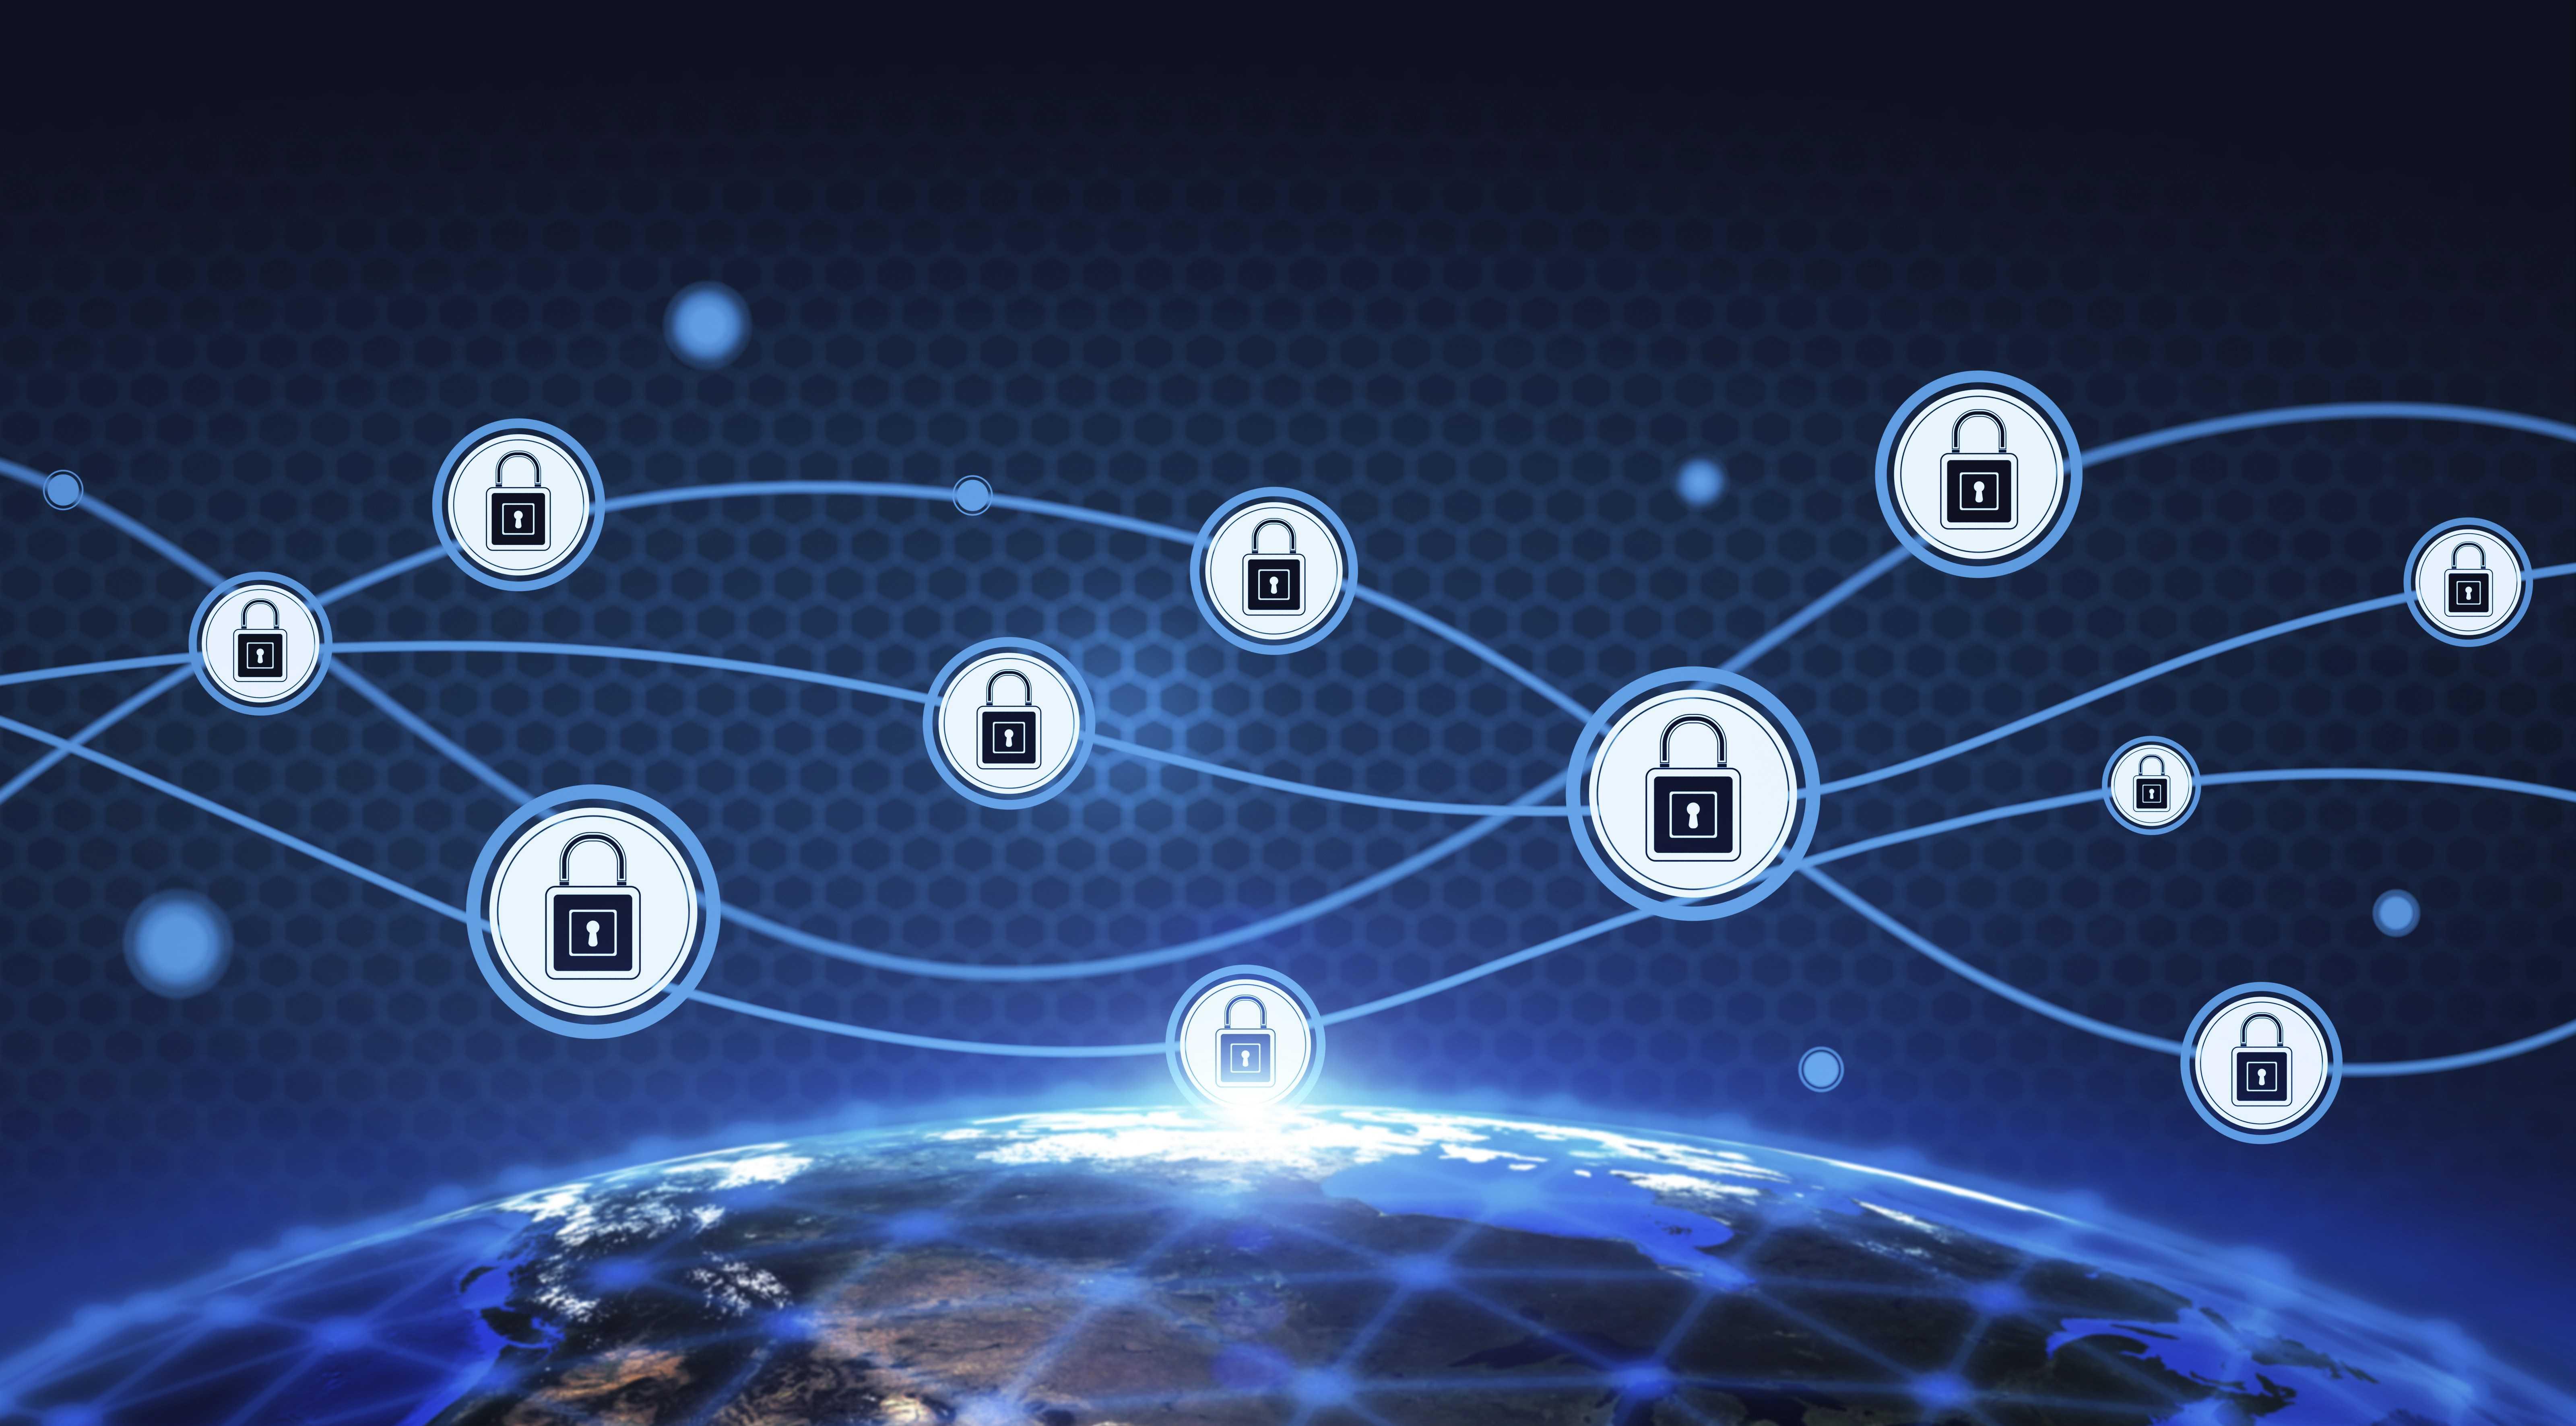 Le marché de la sécurité de l'internet des objets est en forte hausse